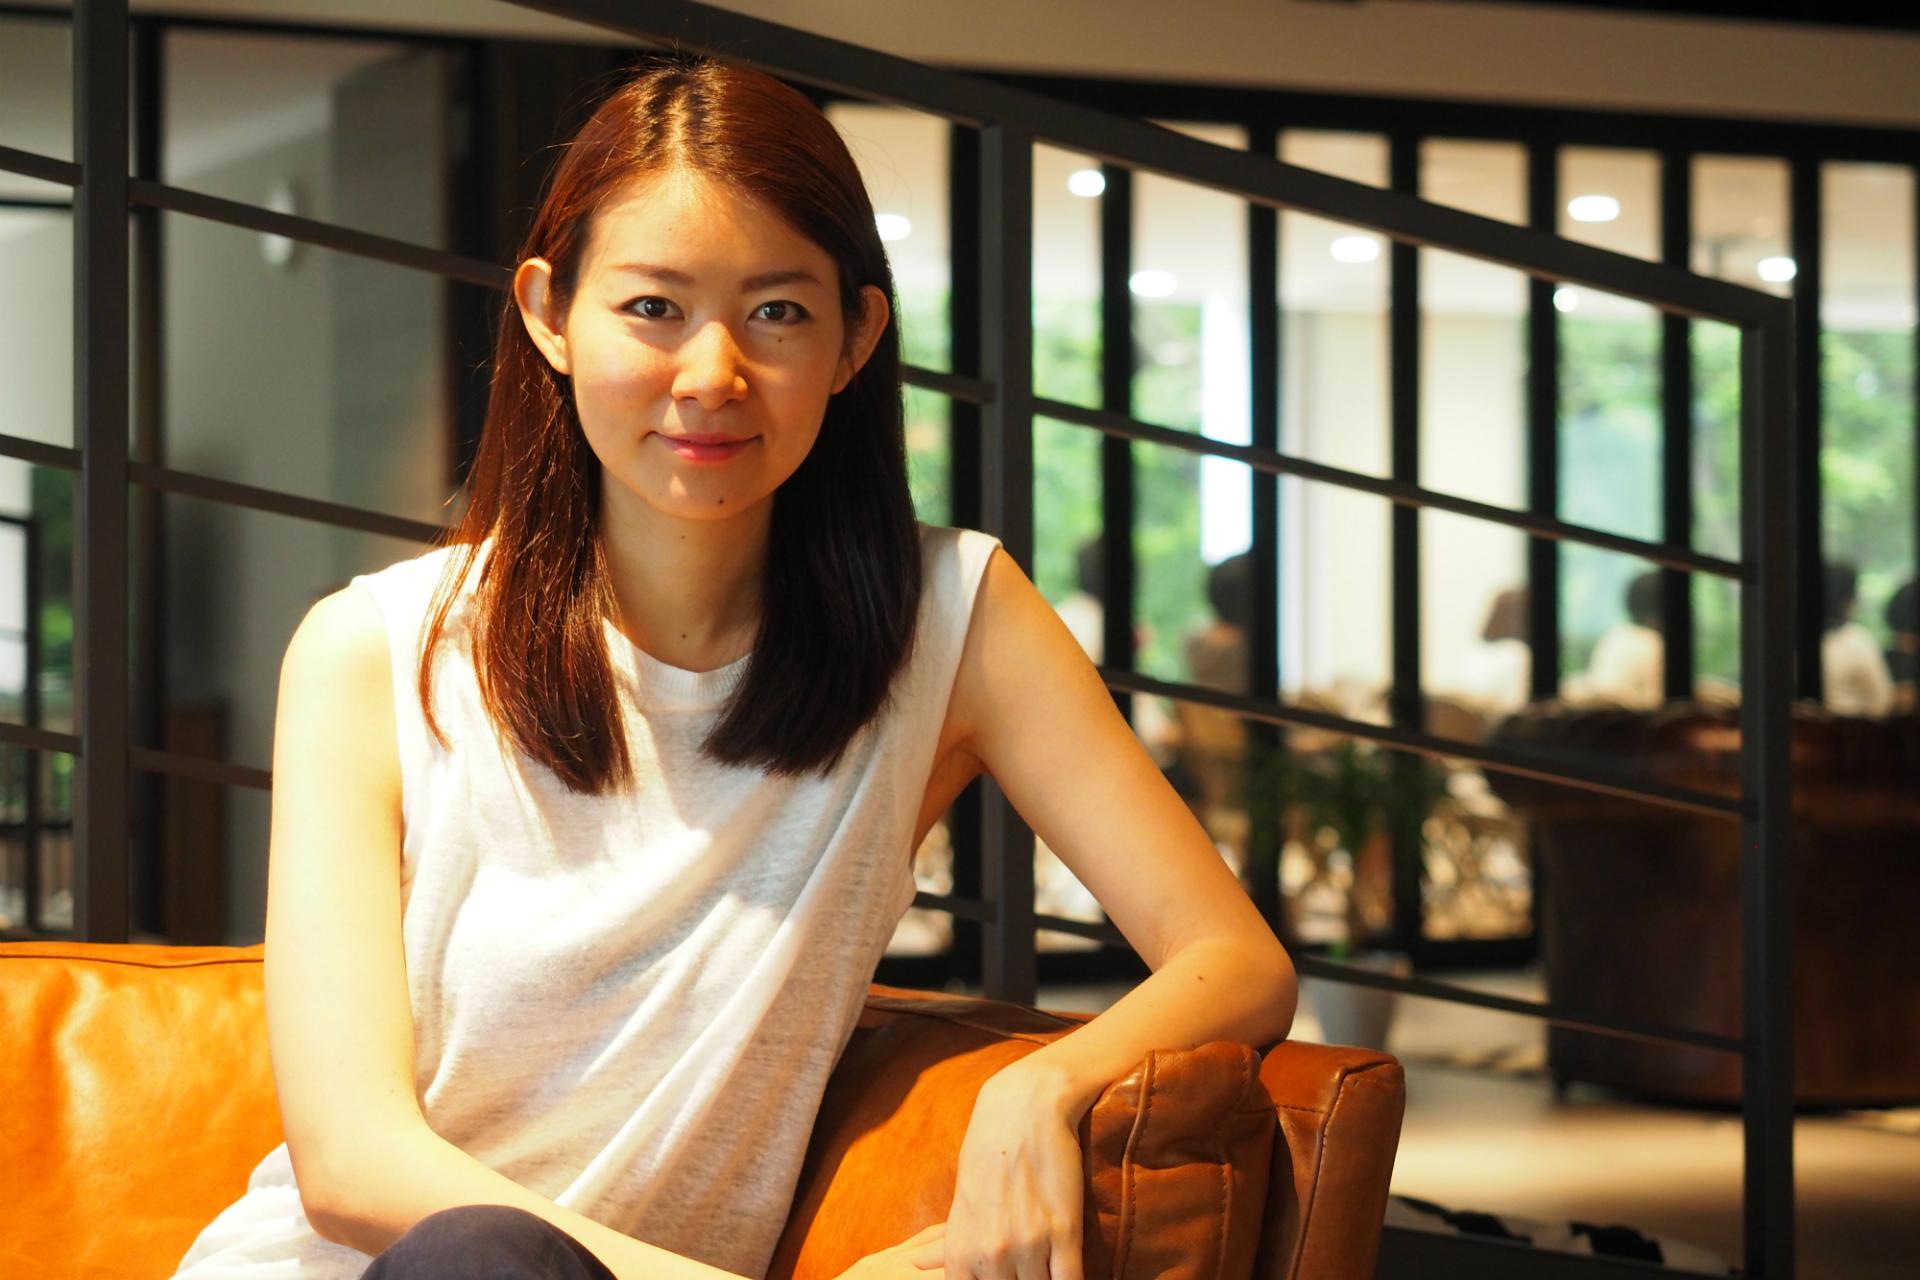 經過過勞世代,日本的新世代人才找工作最重視的反而是「關係」- Wantedly 創辦人仲曉子